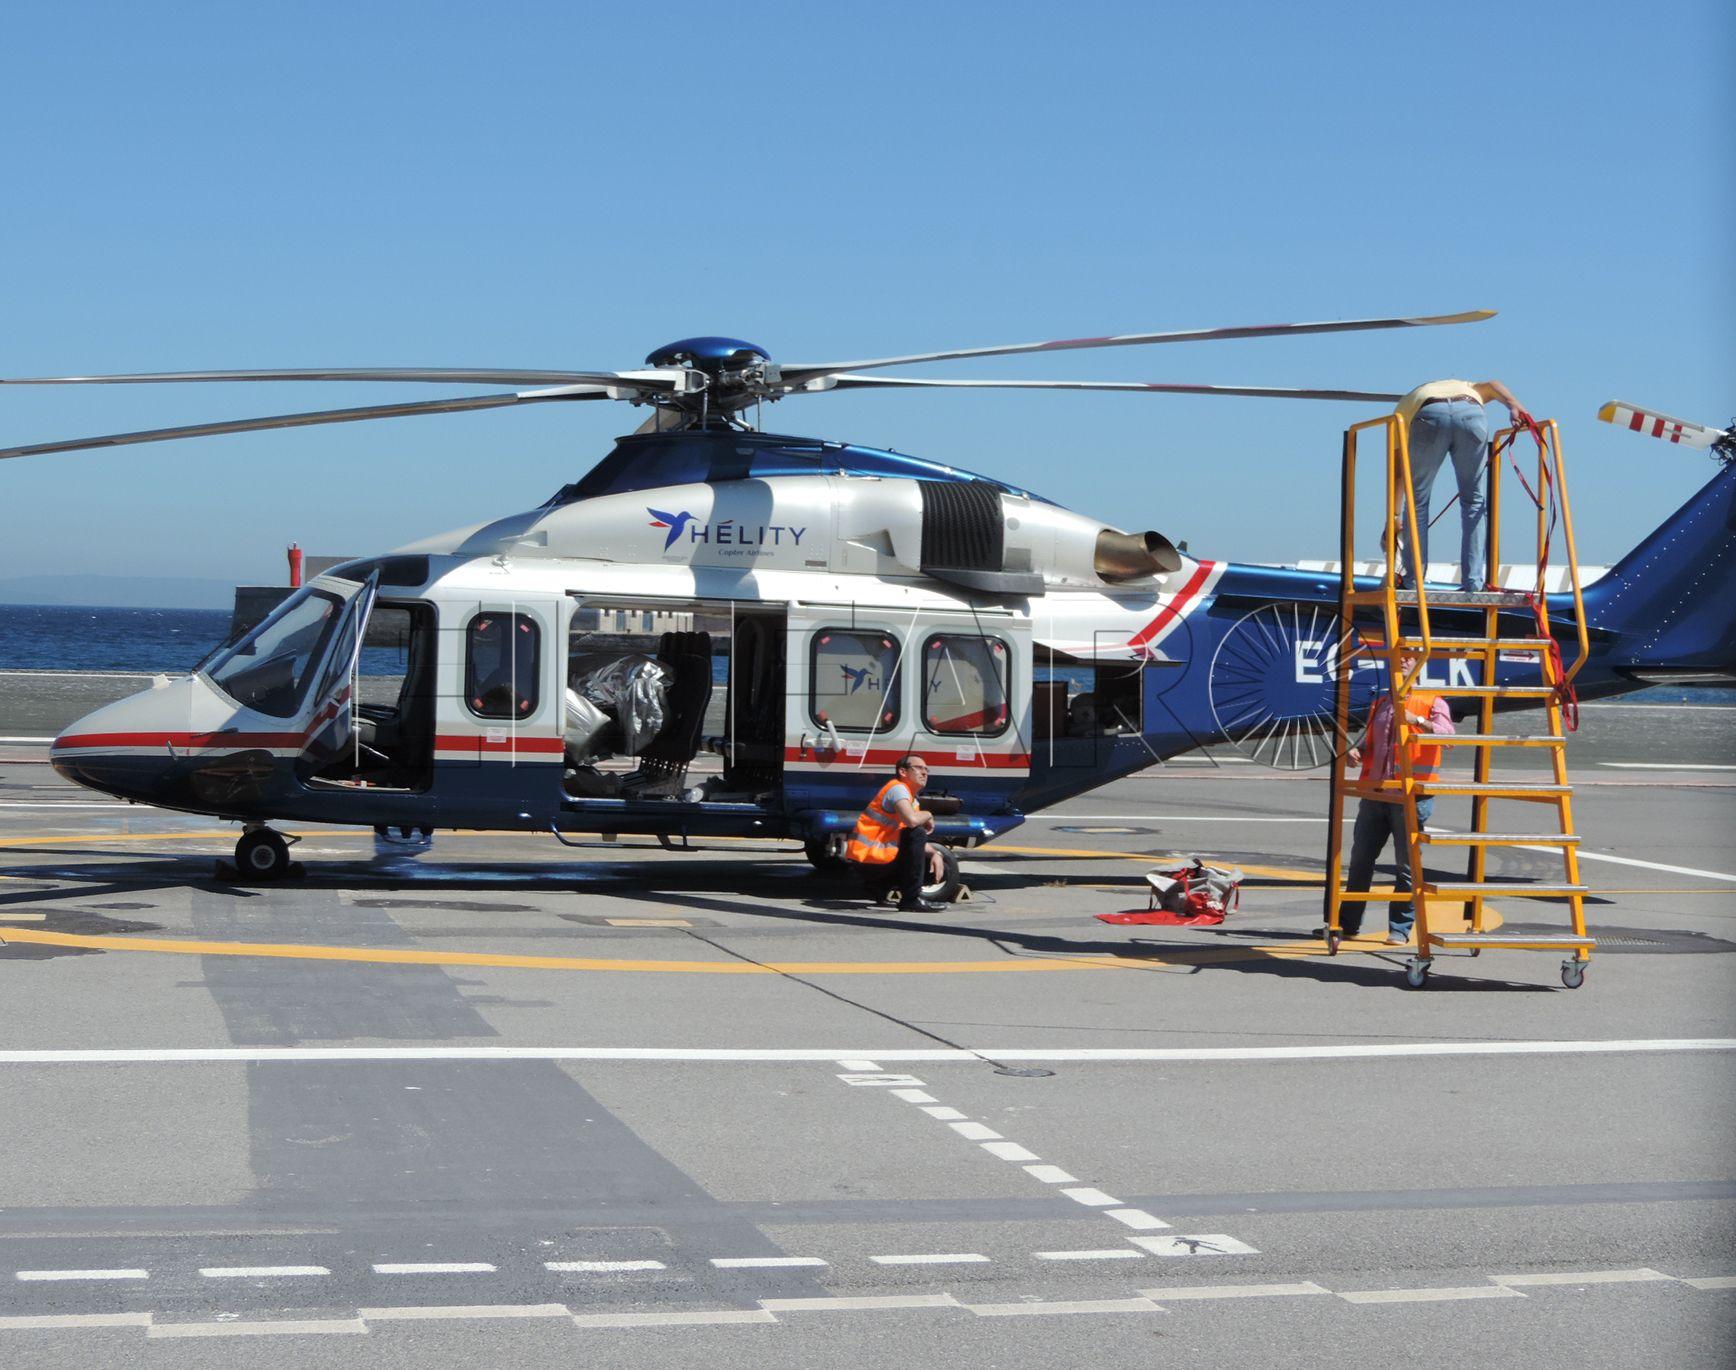 """Hélity afirma que """"no hay máquina más segura"""" que su helicóptero"""